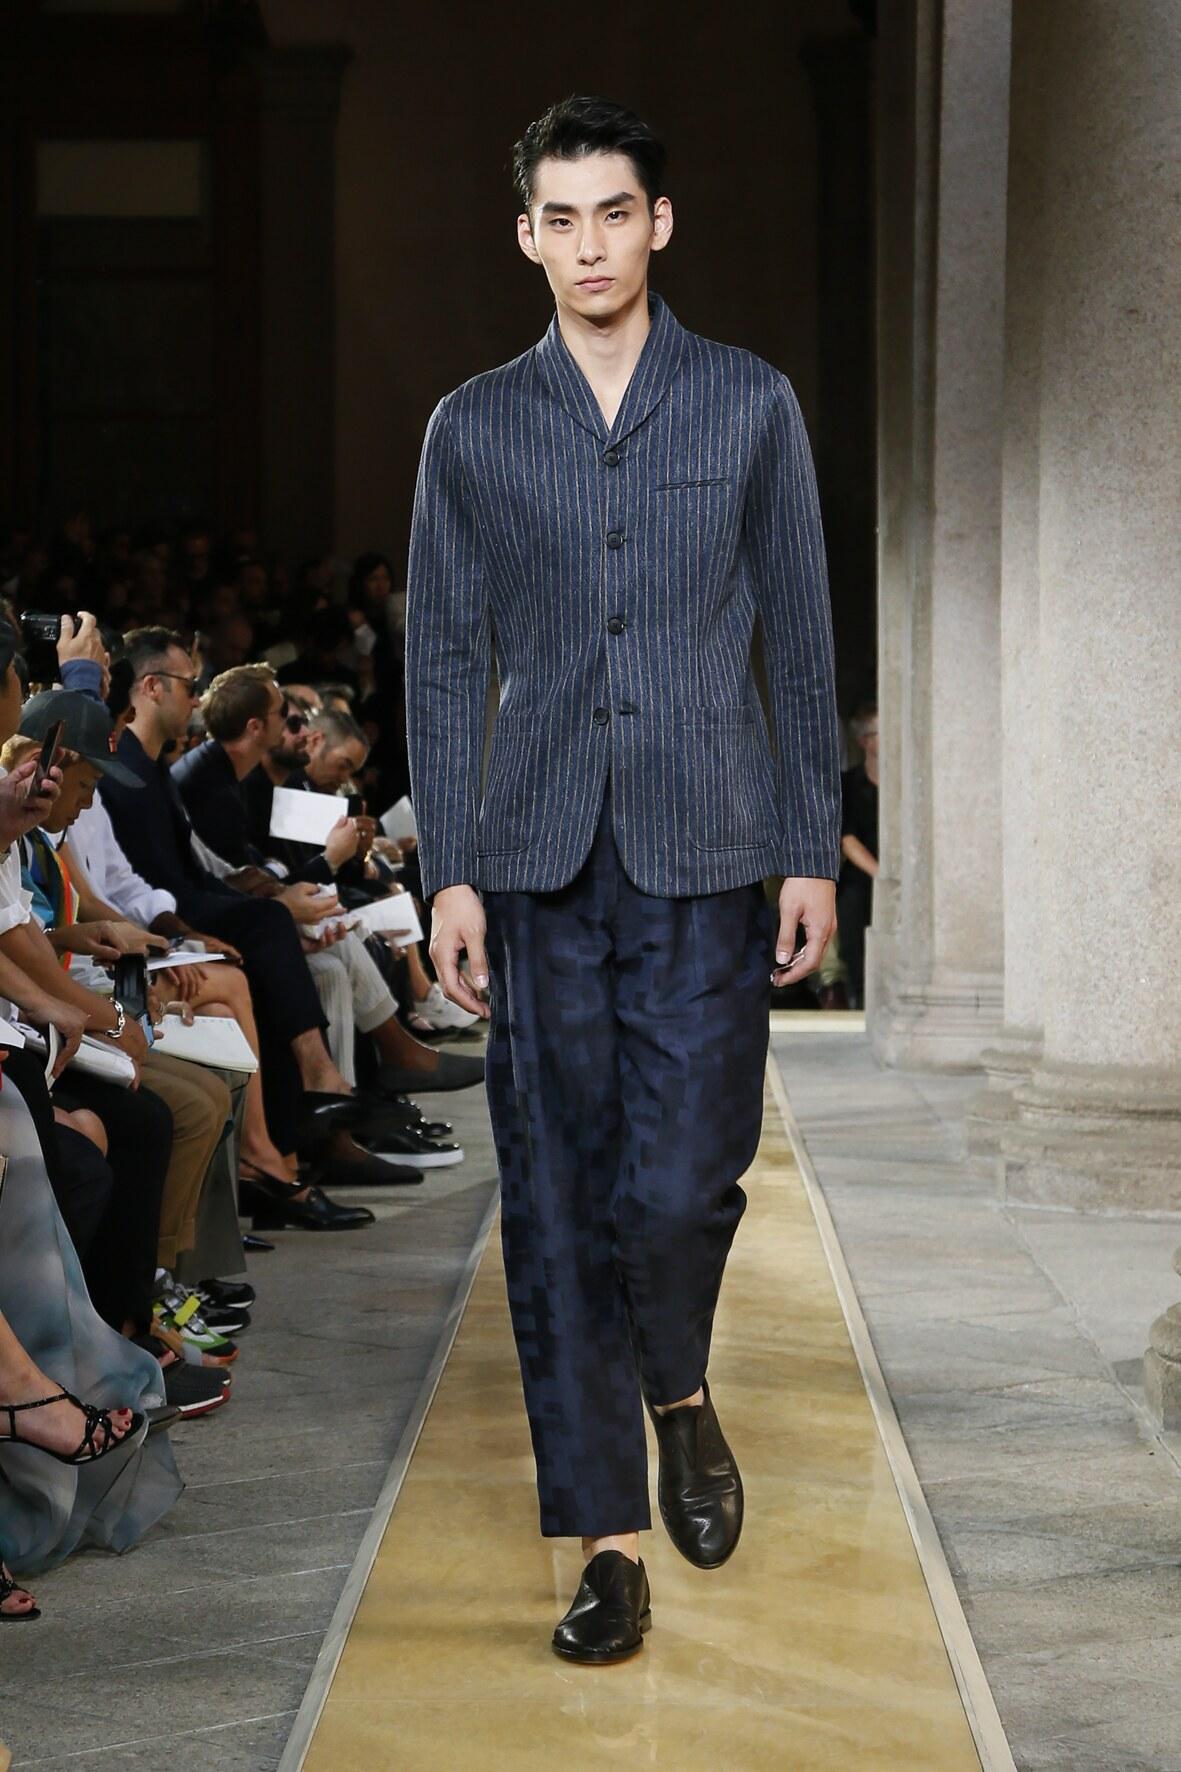 Fashion Model Giorgio Armani Catwalk